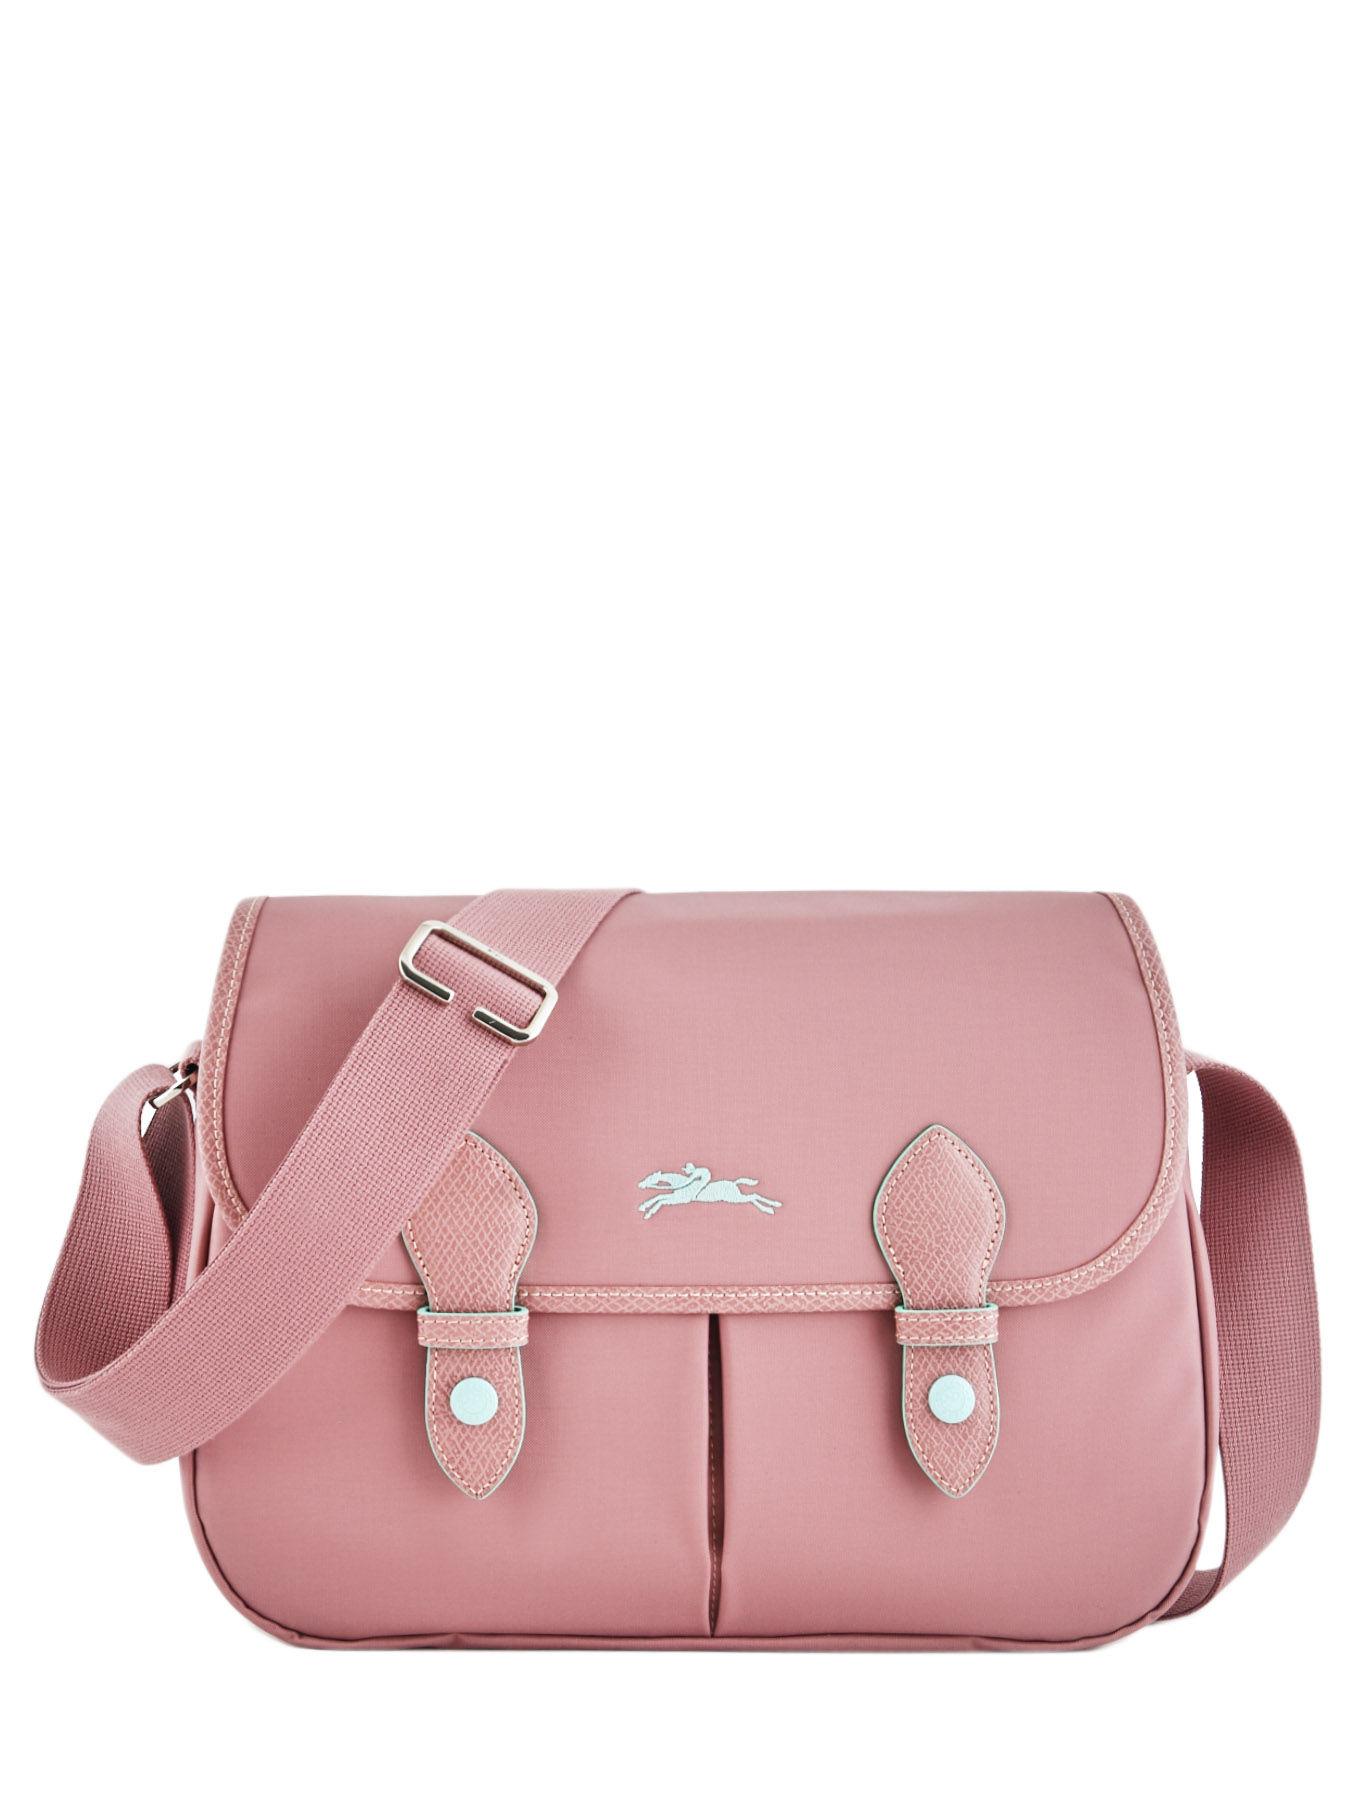 ... Longchamp Le pliage club Hobo bag Pink ... 2a8effa794237